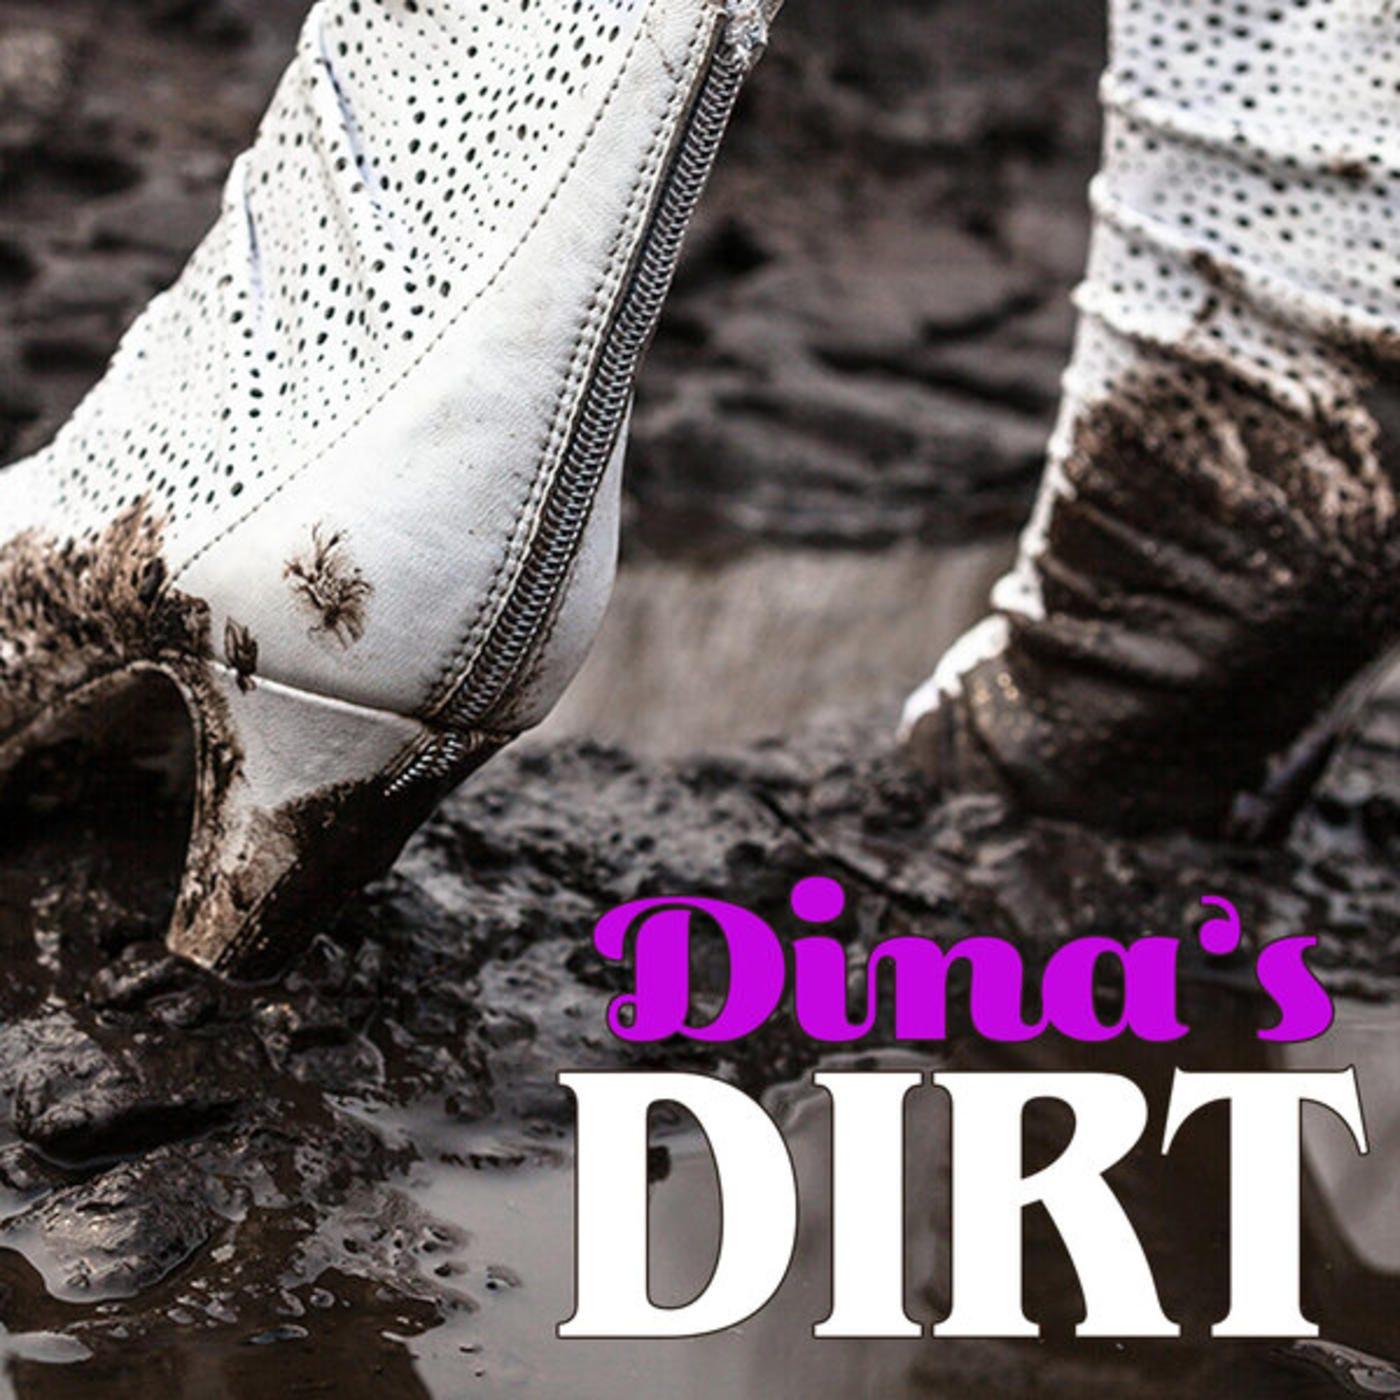 Dina's Dirt